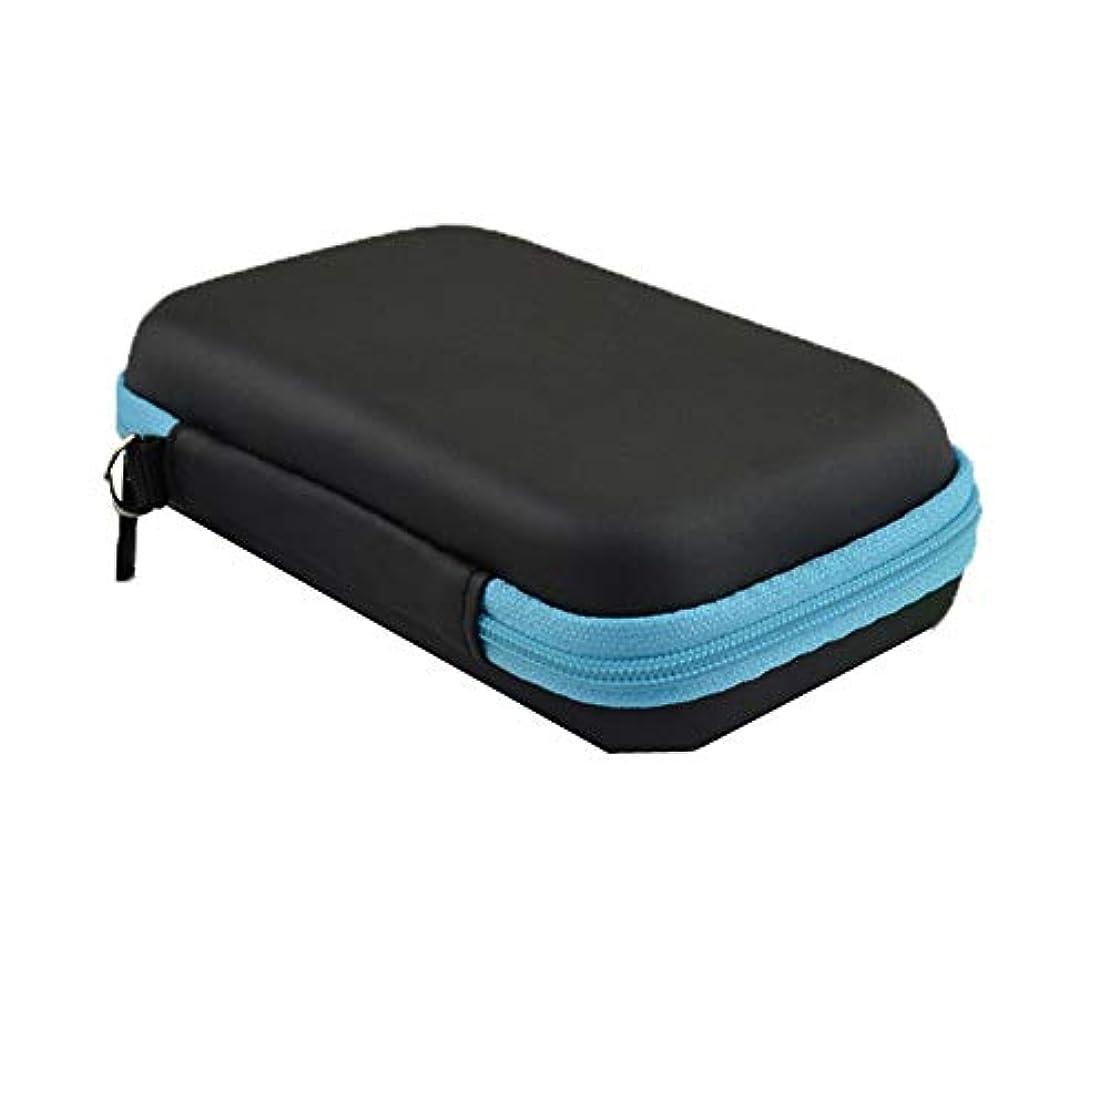 支援申し立てられた注釈エッセンシャルオイルボックス オイルレザーハードシェルの外部記憶装置には、あなたの最高のエッセンシャルオイルエッセンシャルオイルを披露1-3ML アロマセラピー収納ボックス (色 : 青, サイズ : 12X7.5X4CM)